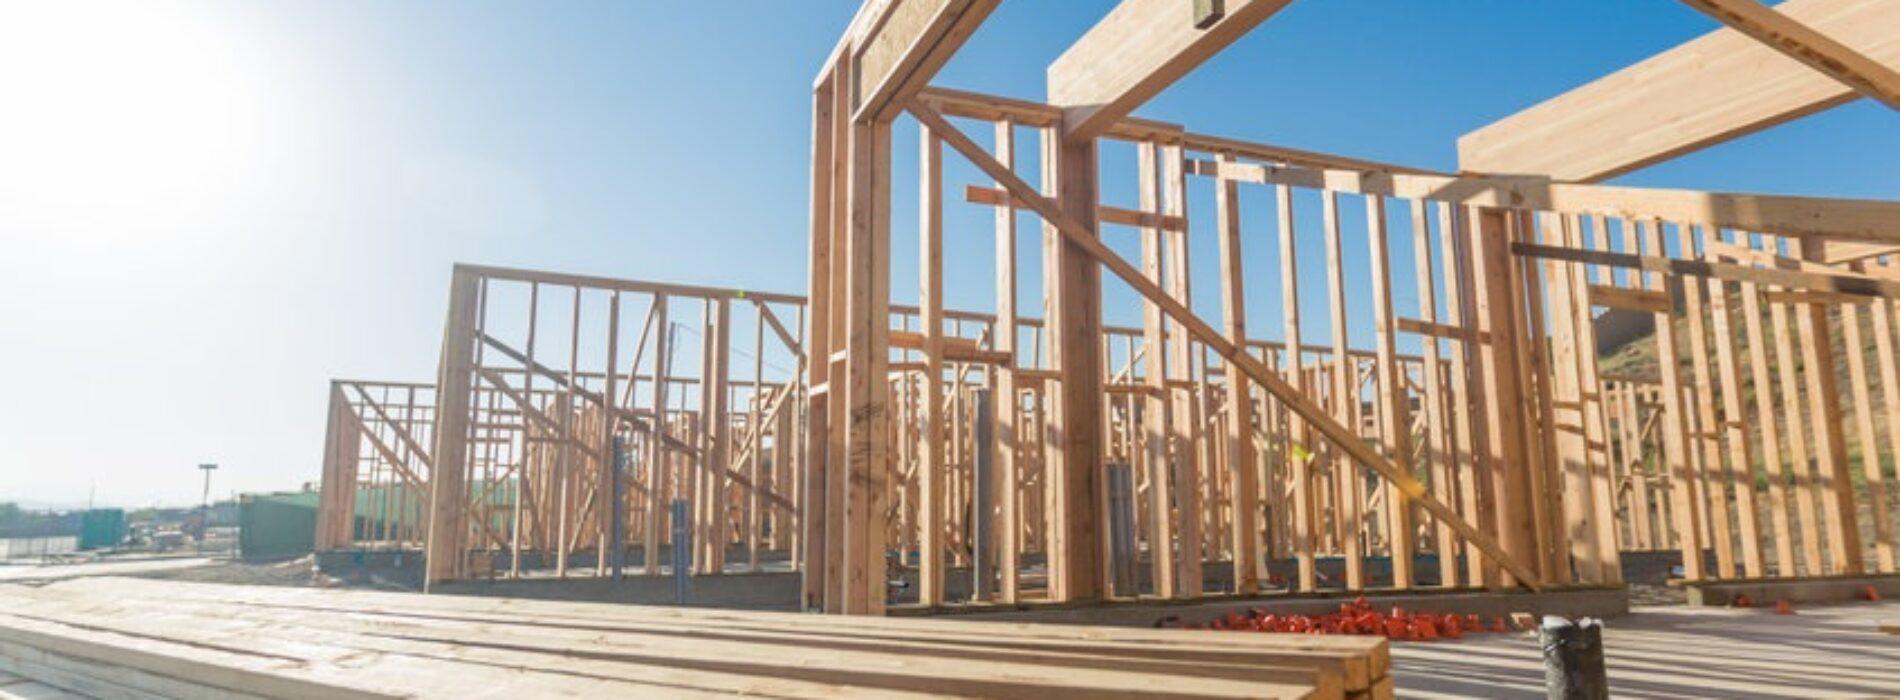 Charakterystyka dobrej jakości drewna konstrukcyjnego